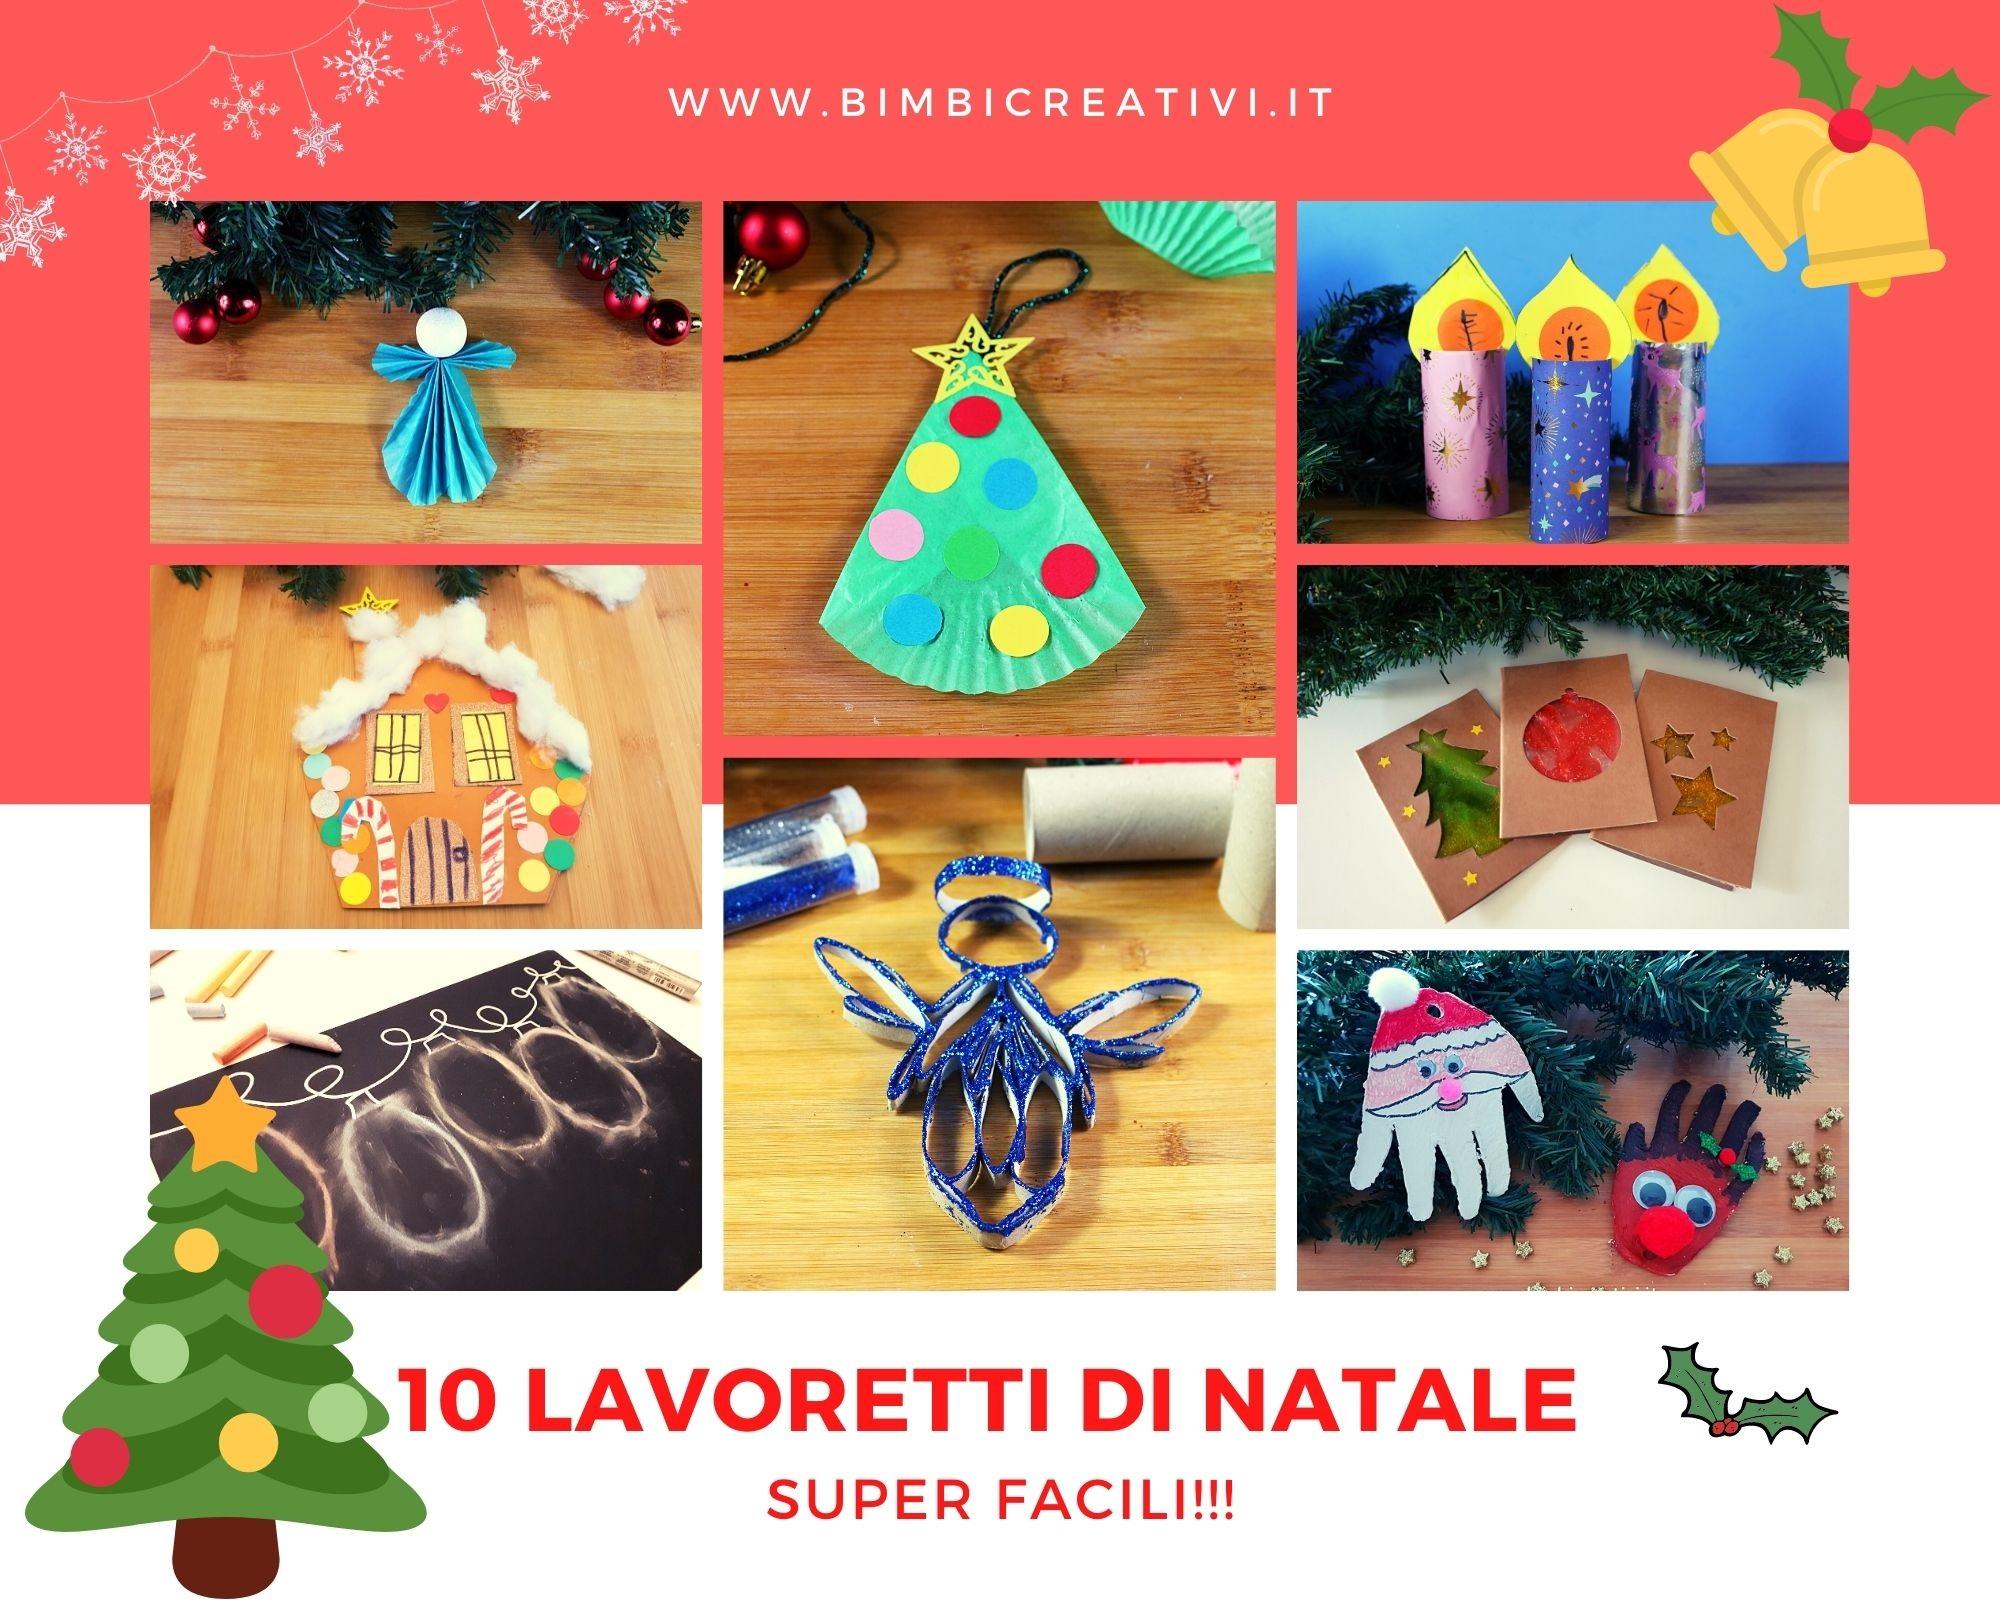 Lavoretti Natale.10 Lavoretti Per Natale Da Fare Ai Tempi Del Coronavirus Bimbi Creativi